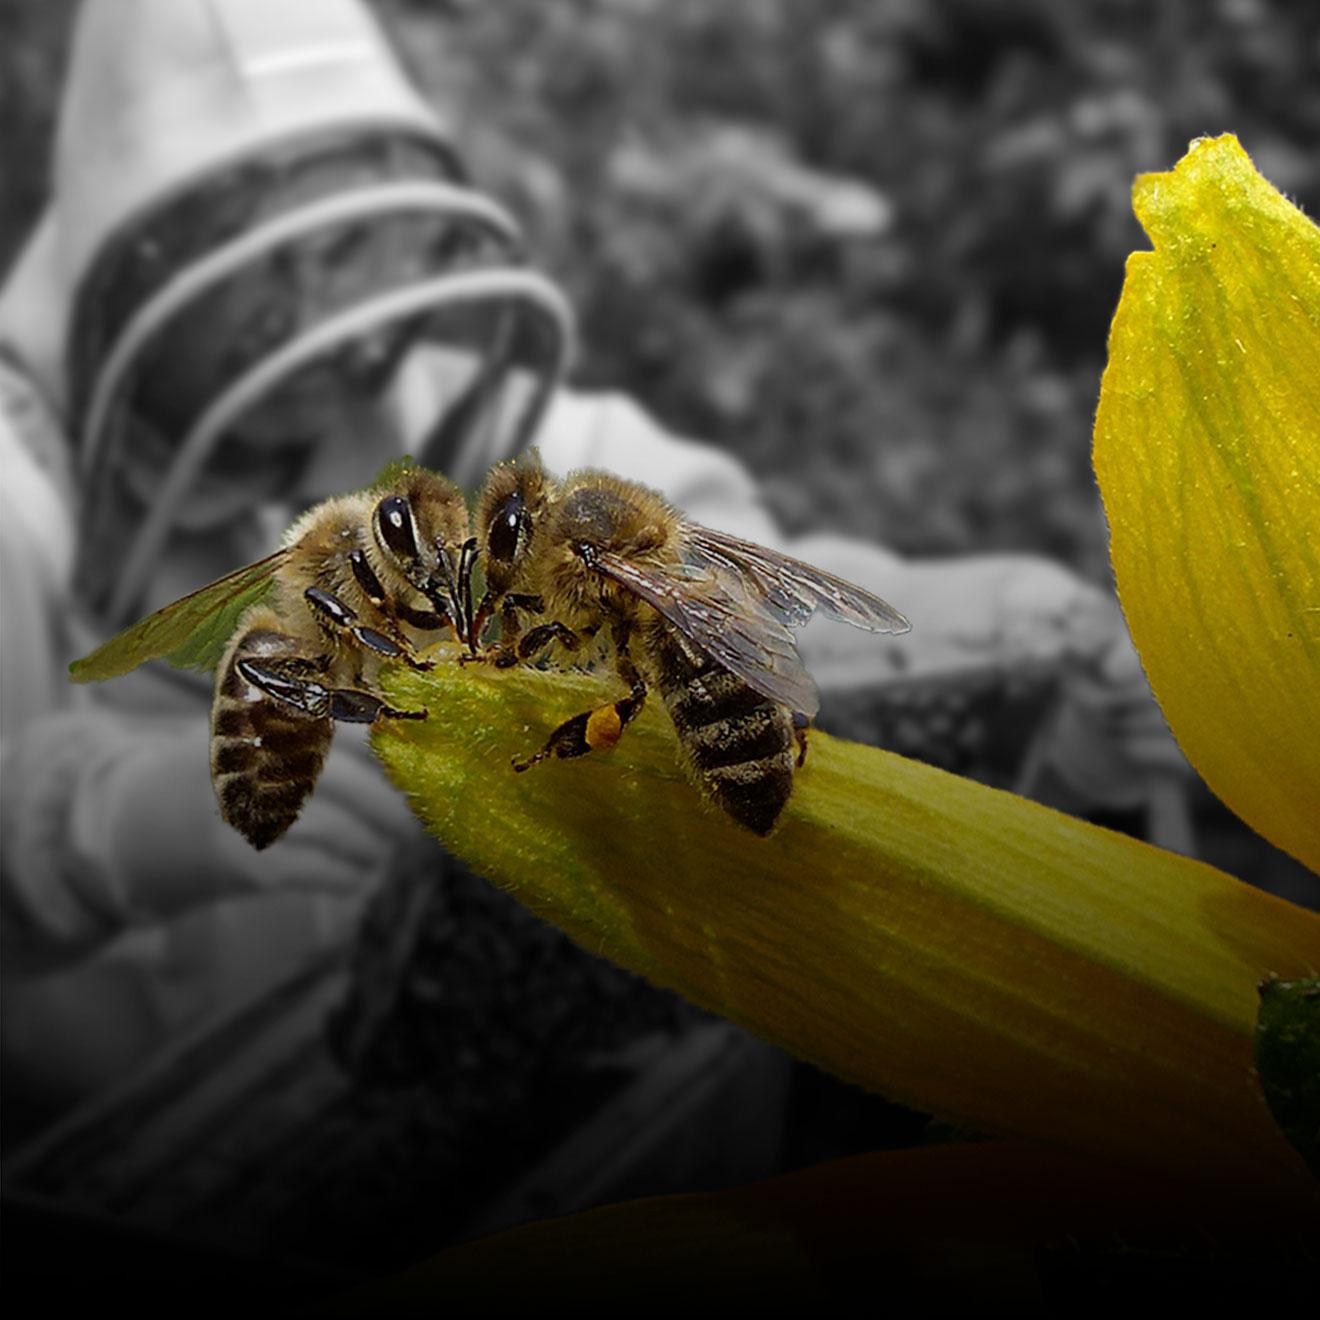 El cambio climático, el uso de agropesticidas y la tala de árboles han afectado a la población de abejas en el mundo, lo que puede resultar muy perjudicial para nuestro ecosistema. Sol y Miel es un emprendimiento que trabaja comercializando miel y creando conciencia sobre la relevancia de las abejas para nosotros y nuestro planeta.